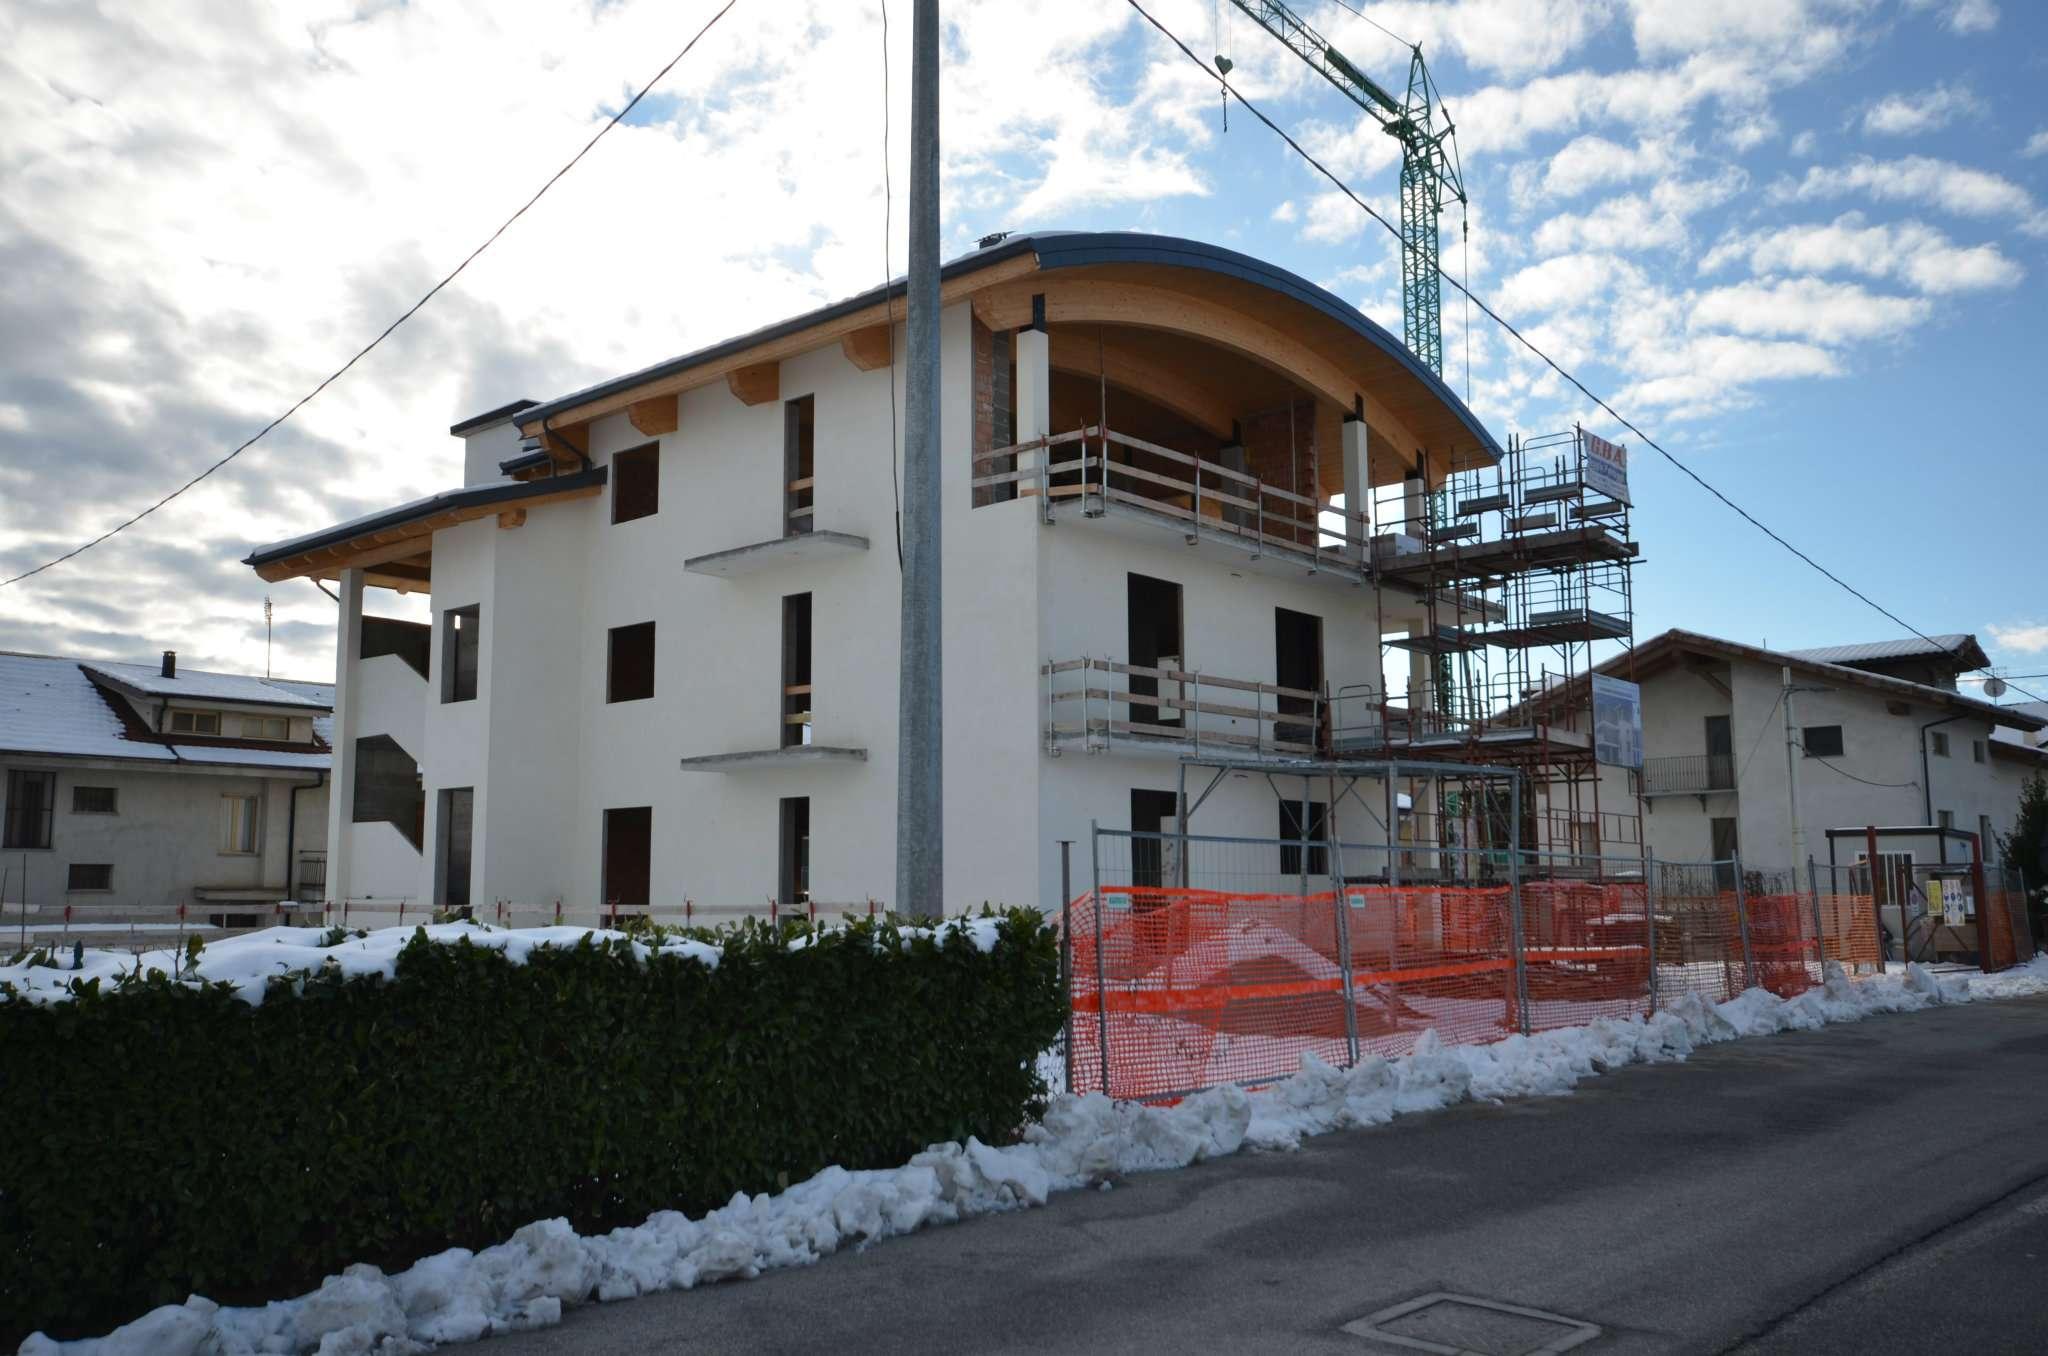 Appartamento in vendita a Borgo San Dalmazzo, 4 locali, prezzo € 242.000 | CambioCasa.it